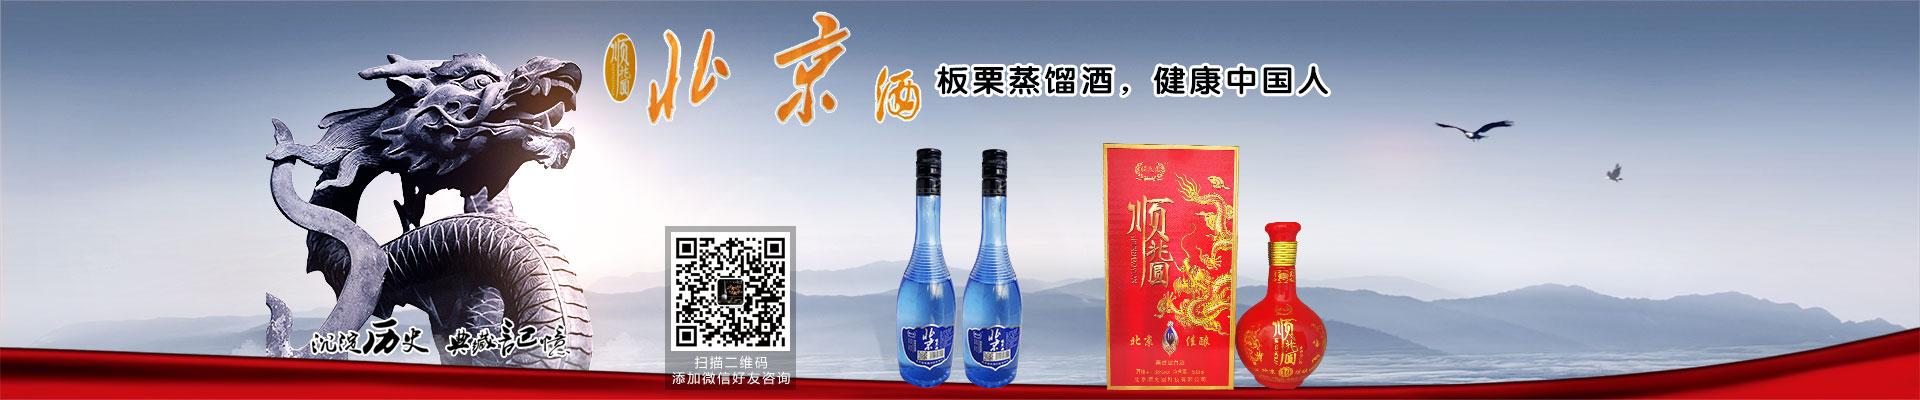 北京栗宝酒业有限公司